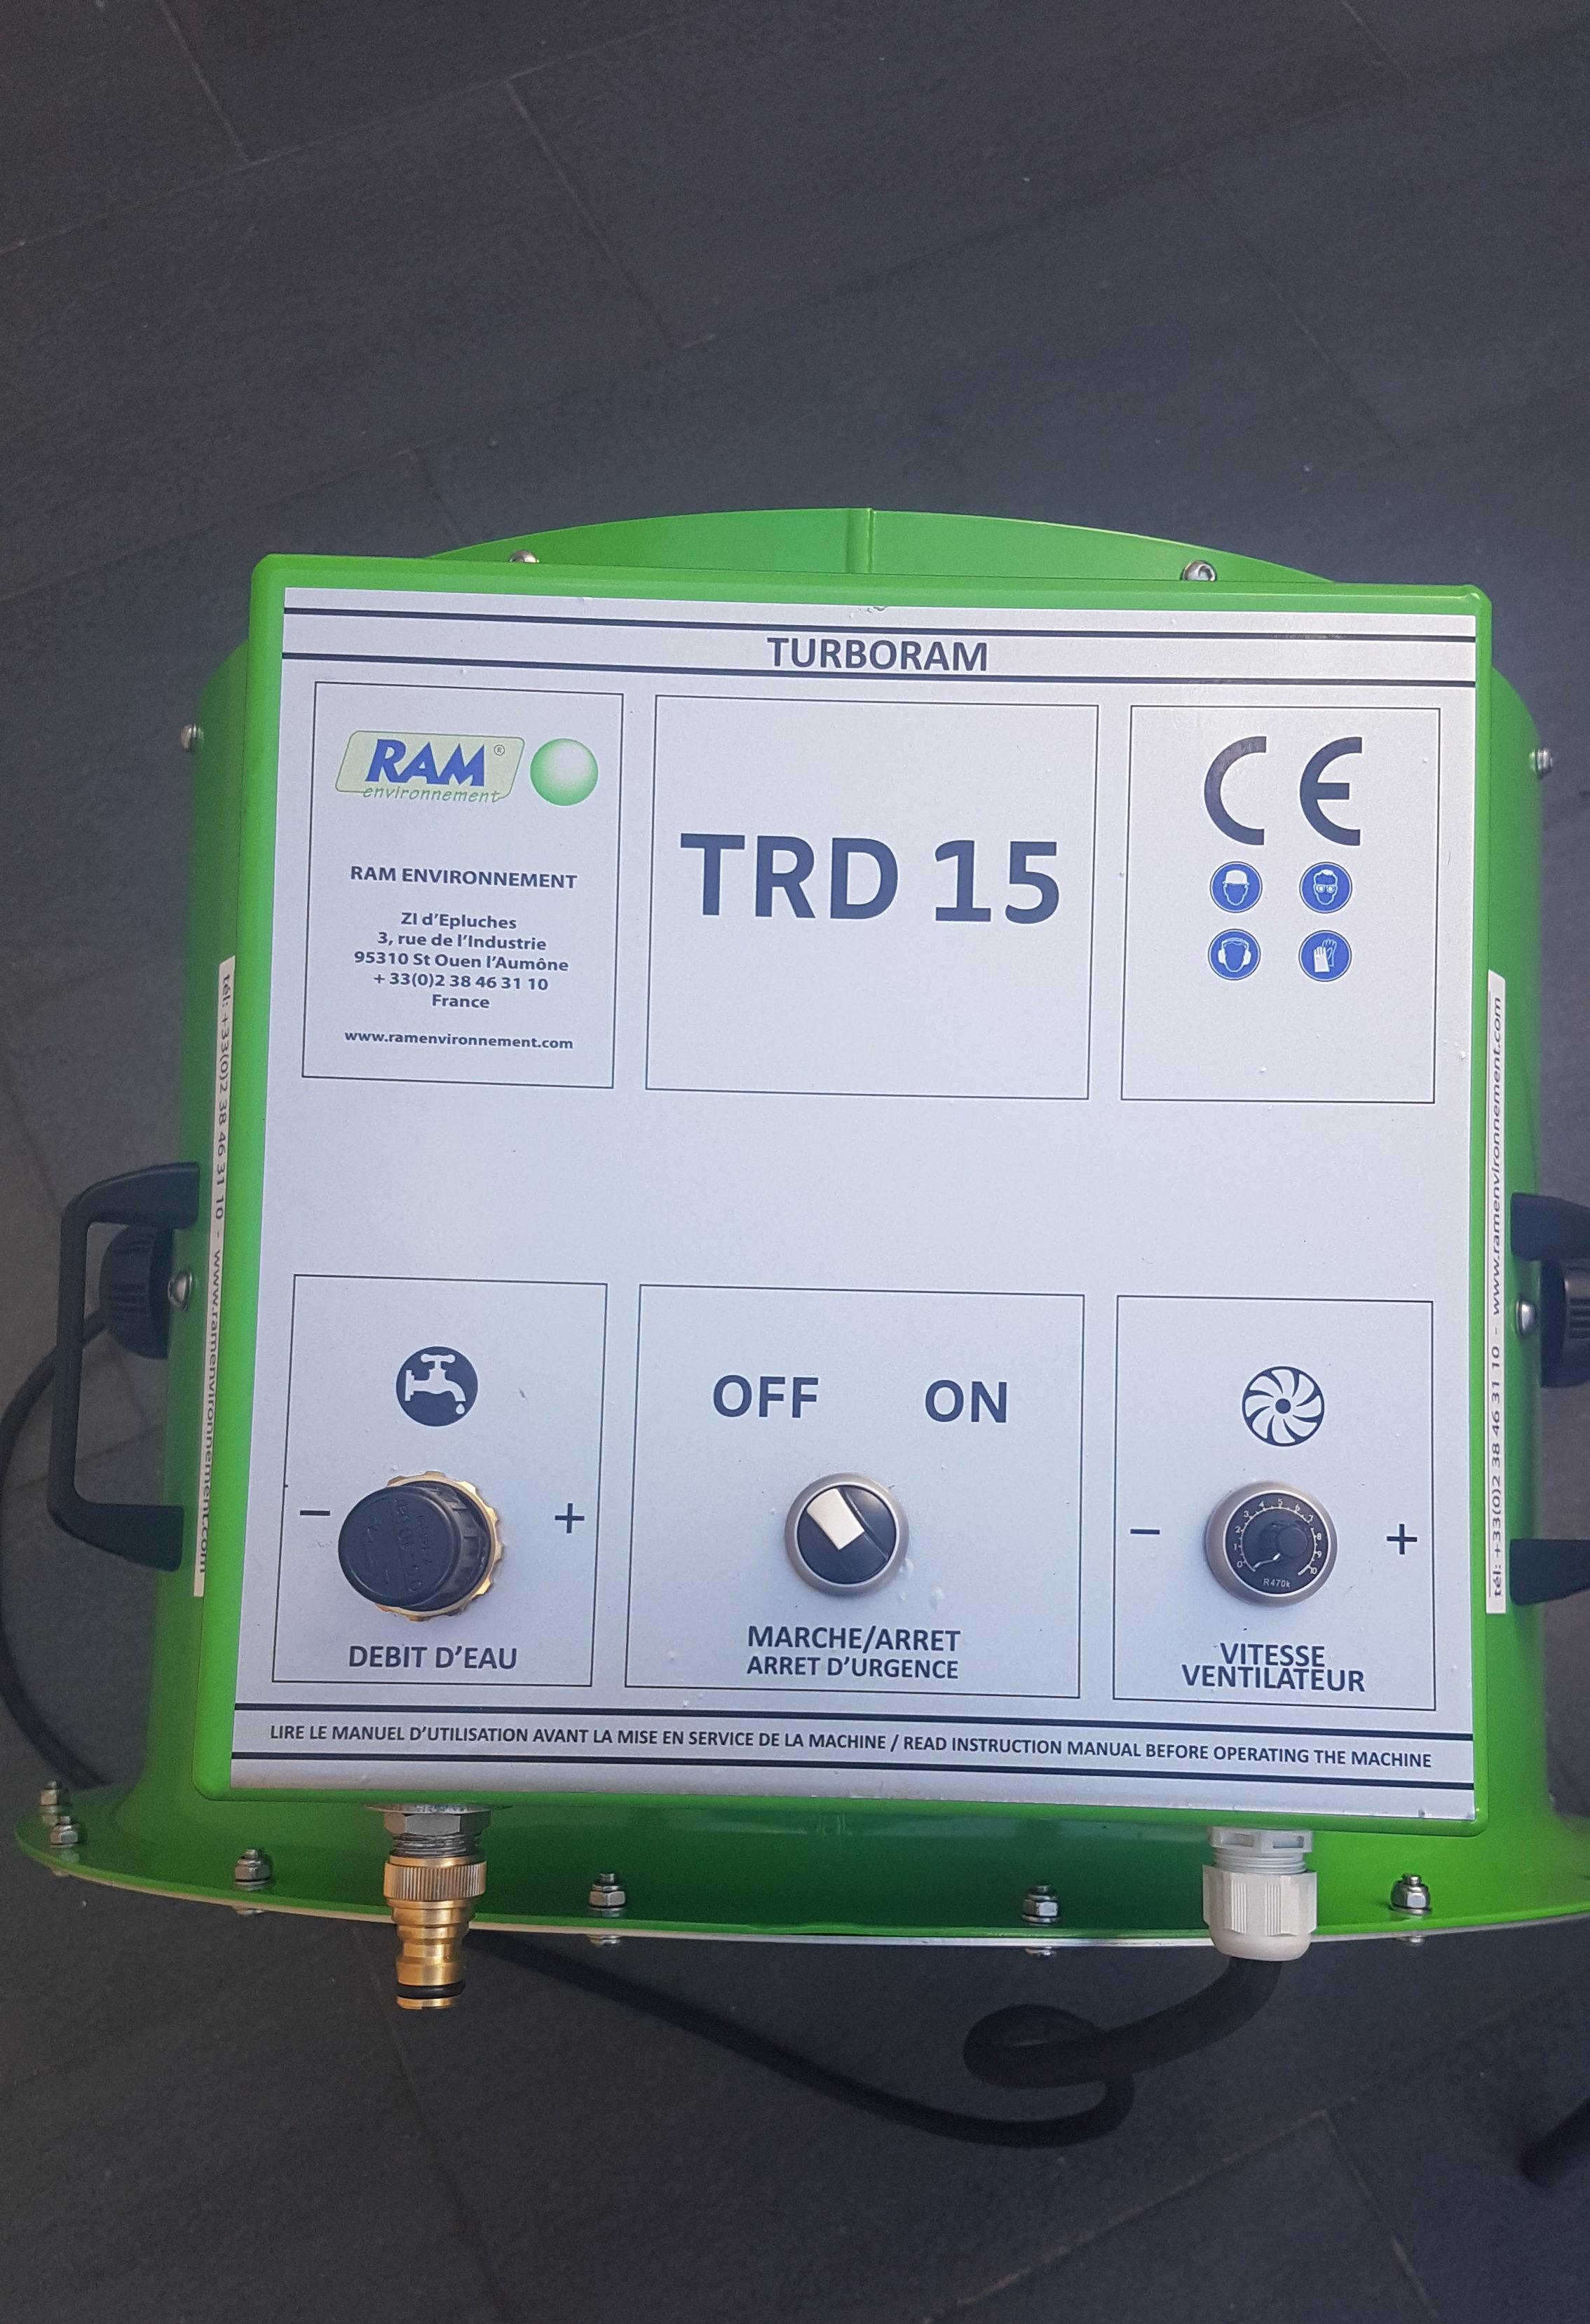 Canon de brumisation turboram trd15 A retrouver chez Prim BTP dans toute la France Fixe